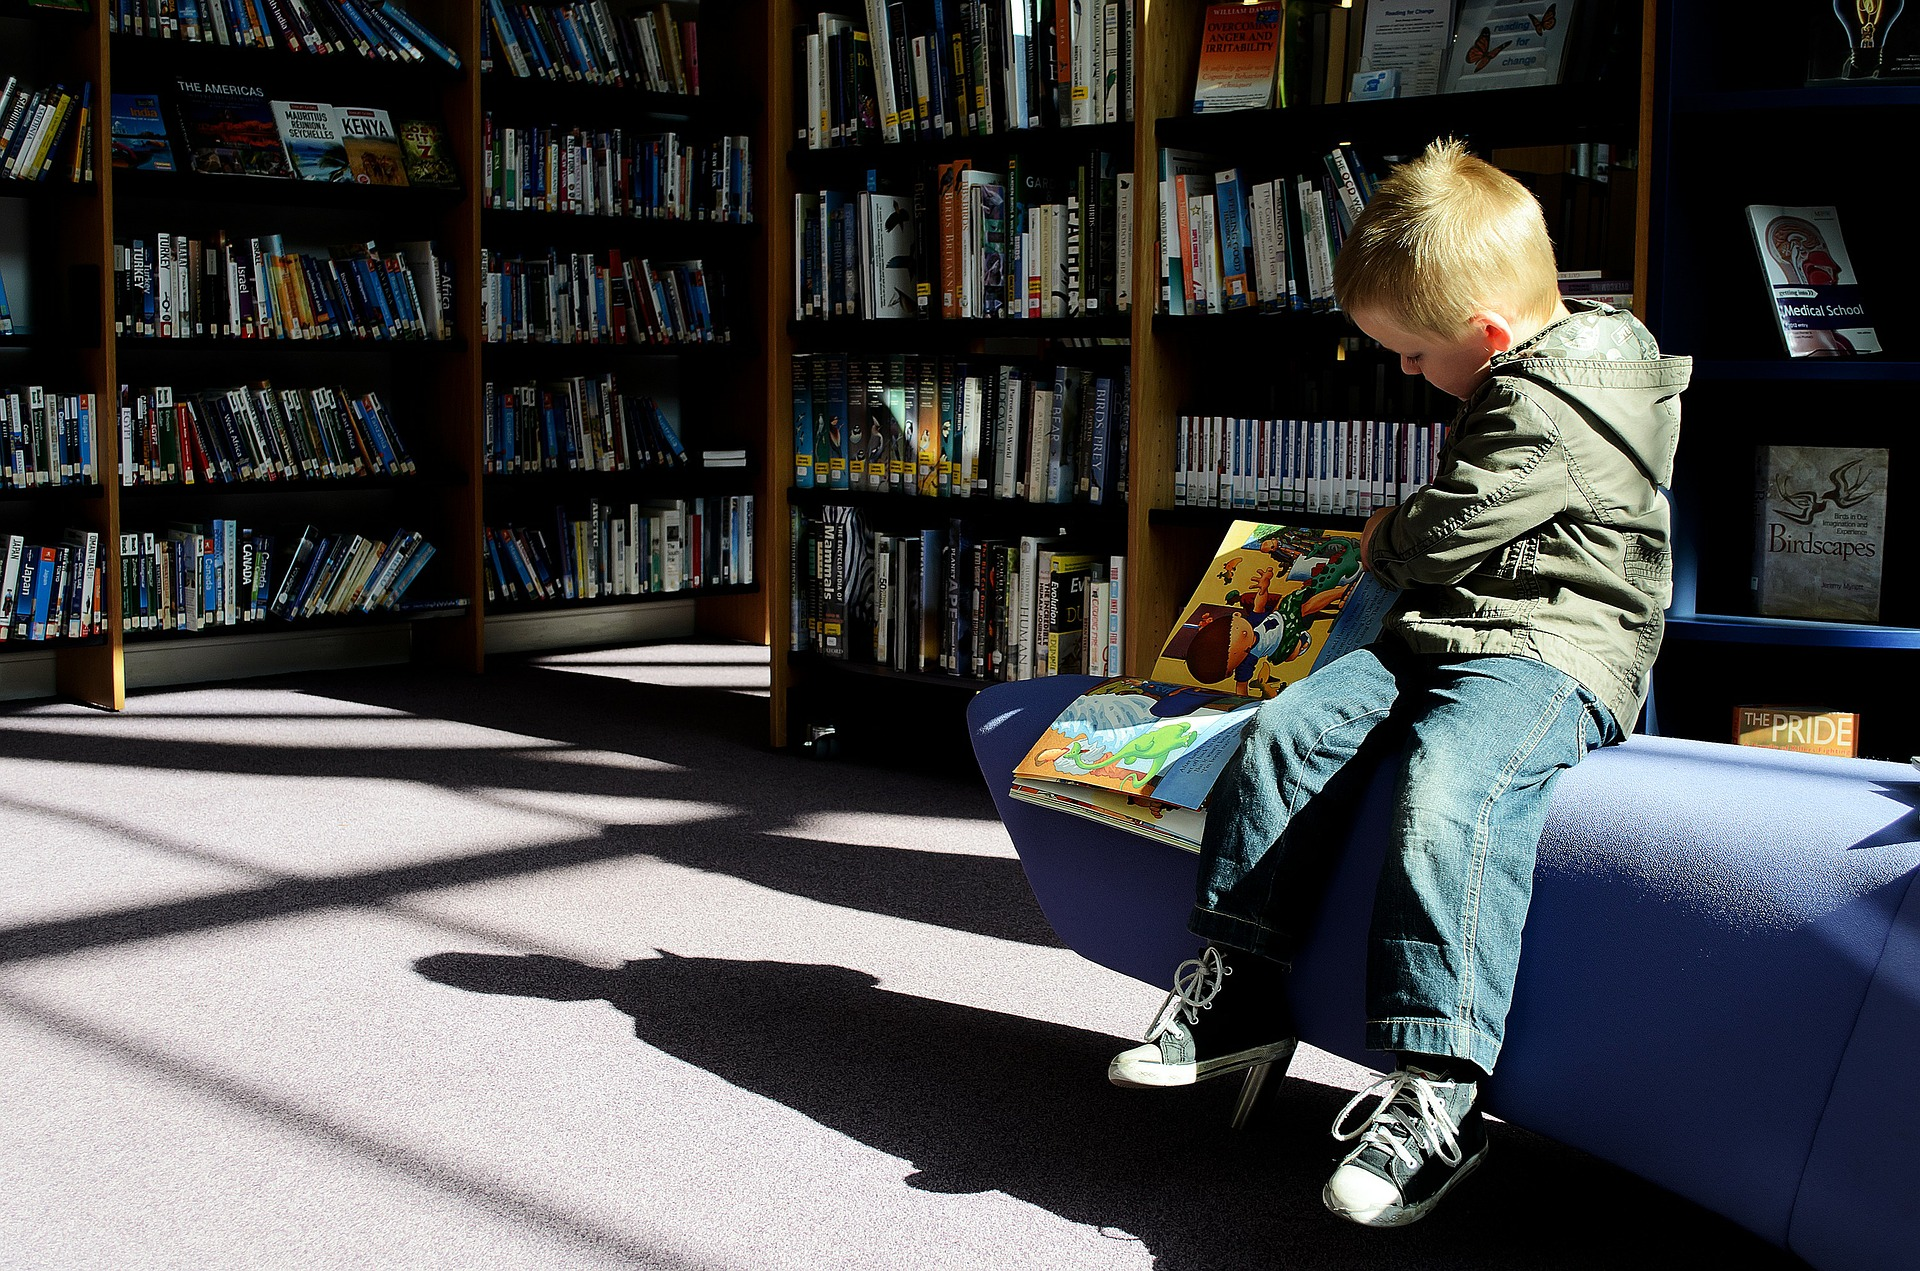 Knihu pod vánočním stromečkem najde víc než 50 procent dětí. (ilustrační foto)